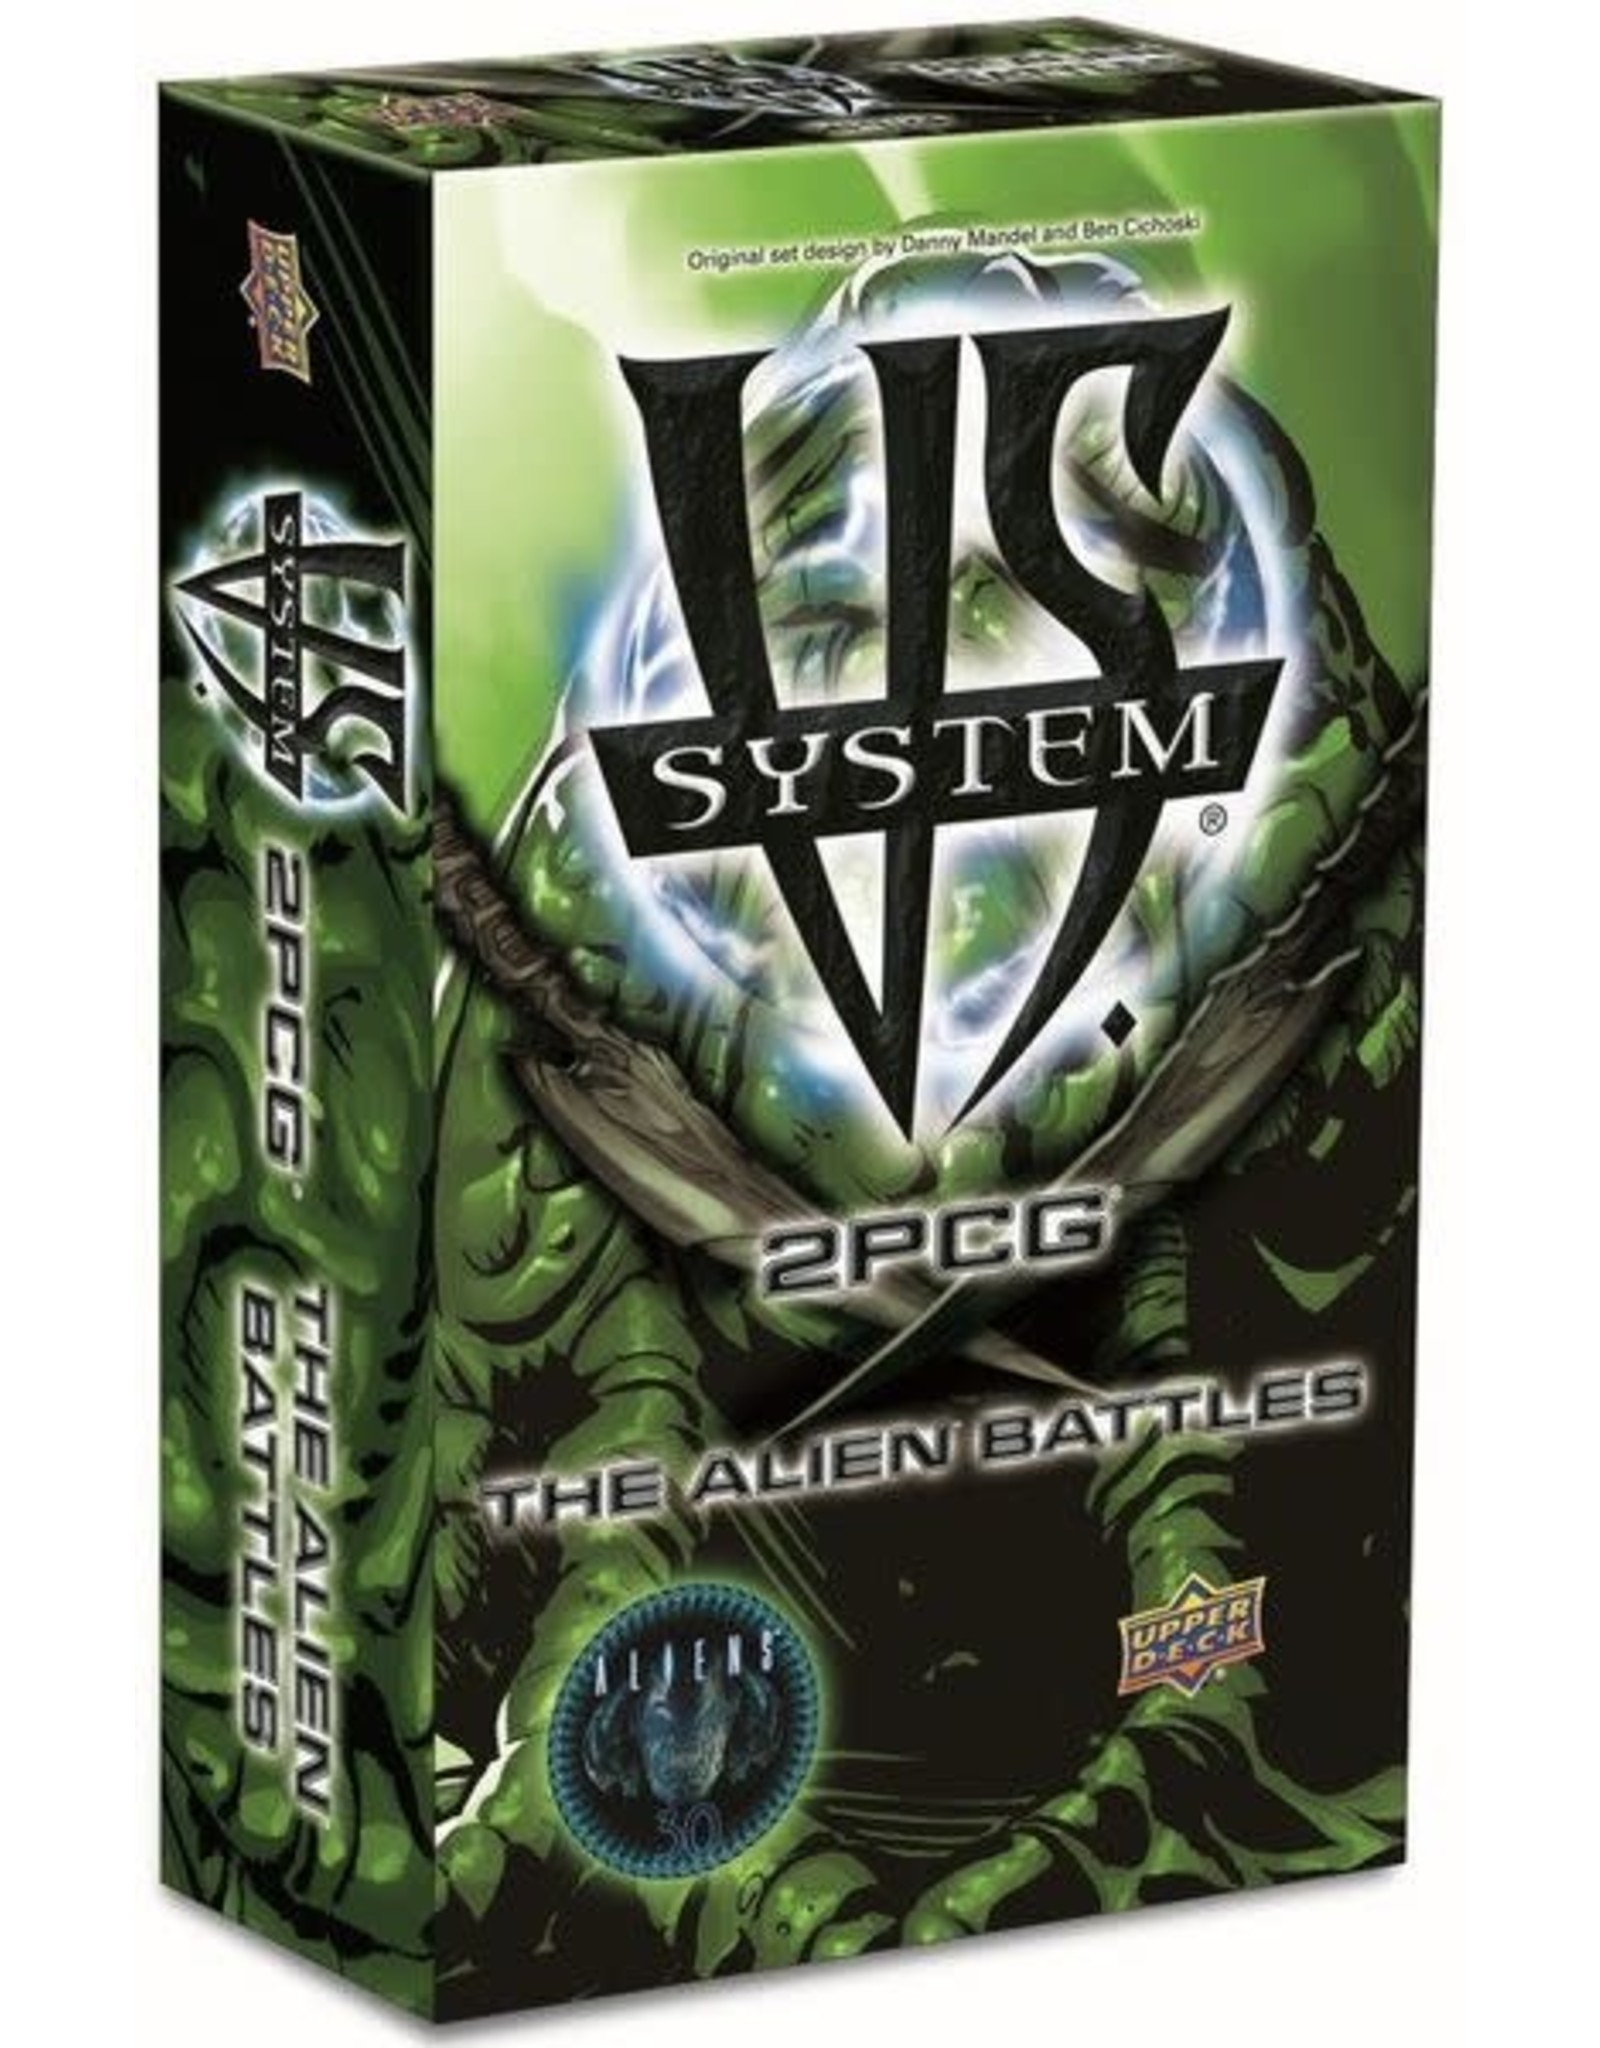 Upper Deck VS System 2PCG: The ALIEN Battles